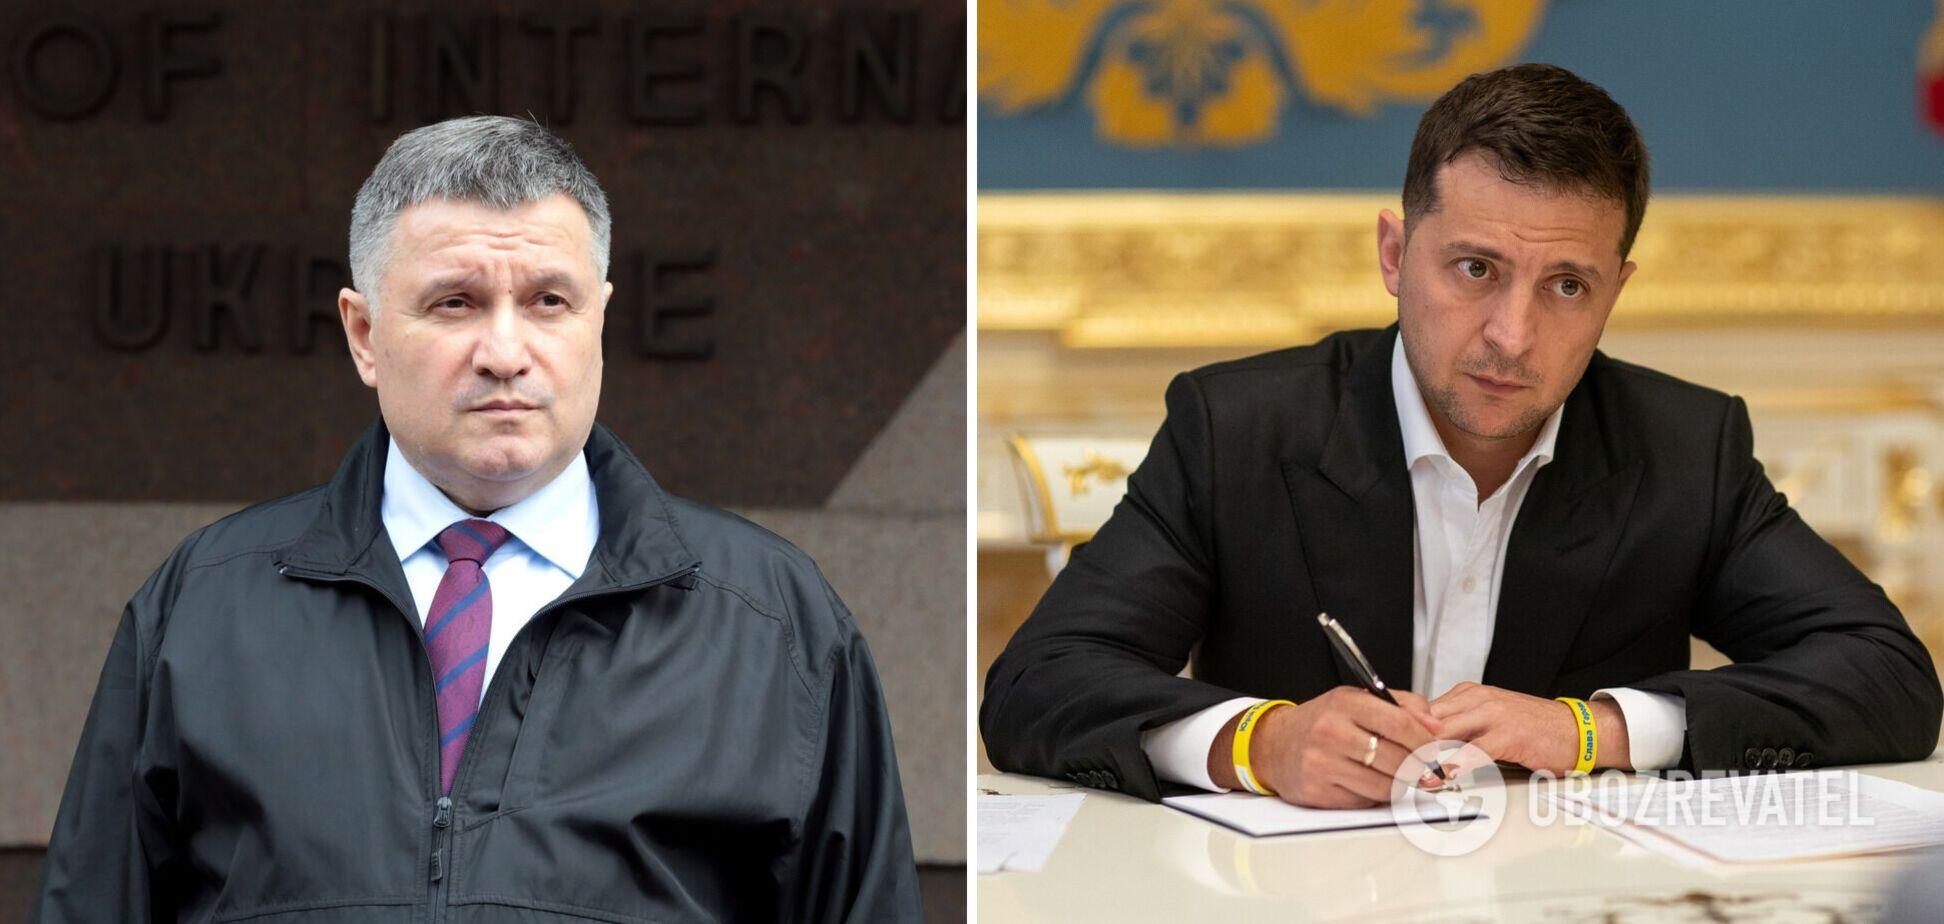 Аваков – о действиях Зеленского против Медведчука и Путина: это его убеждения